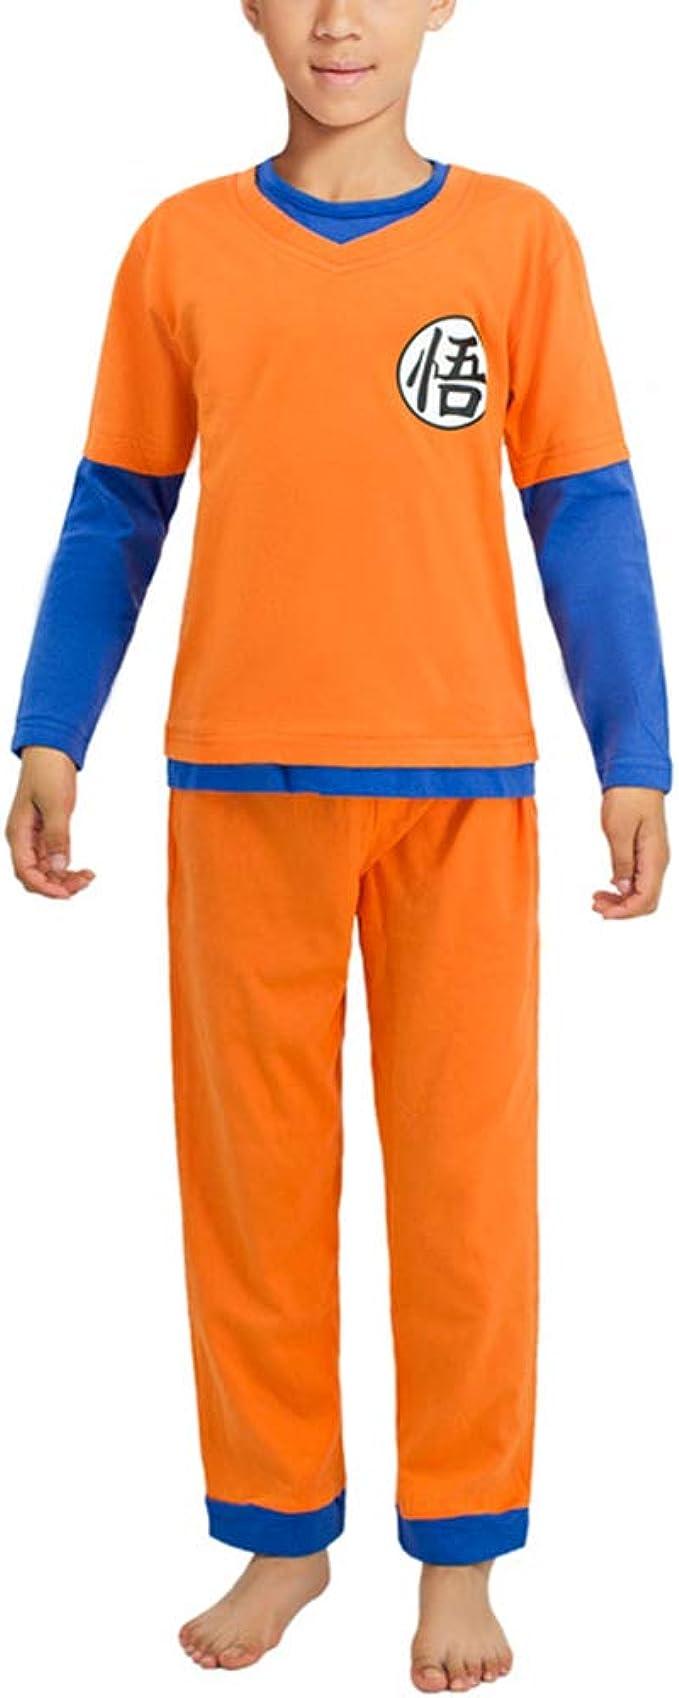 Dragon Ball Goku Pijamas para niños Conjunto Niños Niñas Camiseta de Manga Larga y Pantalones Largos Pijamas con Temas de Anime 2 Piezas Set Dragon ...